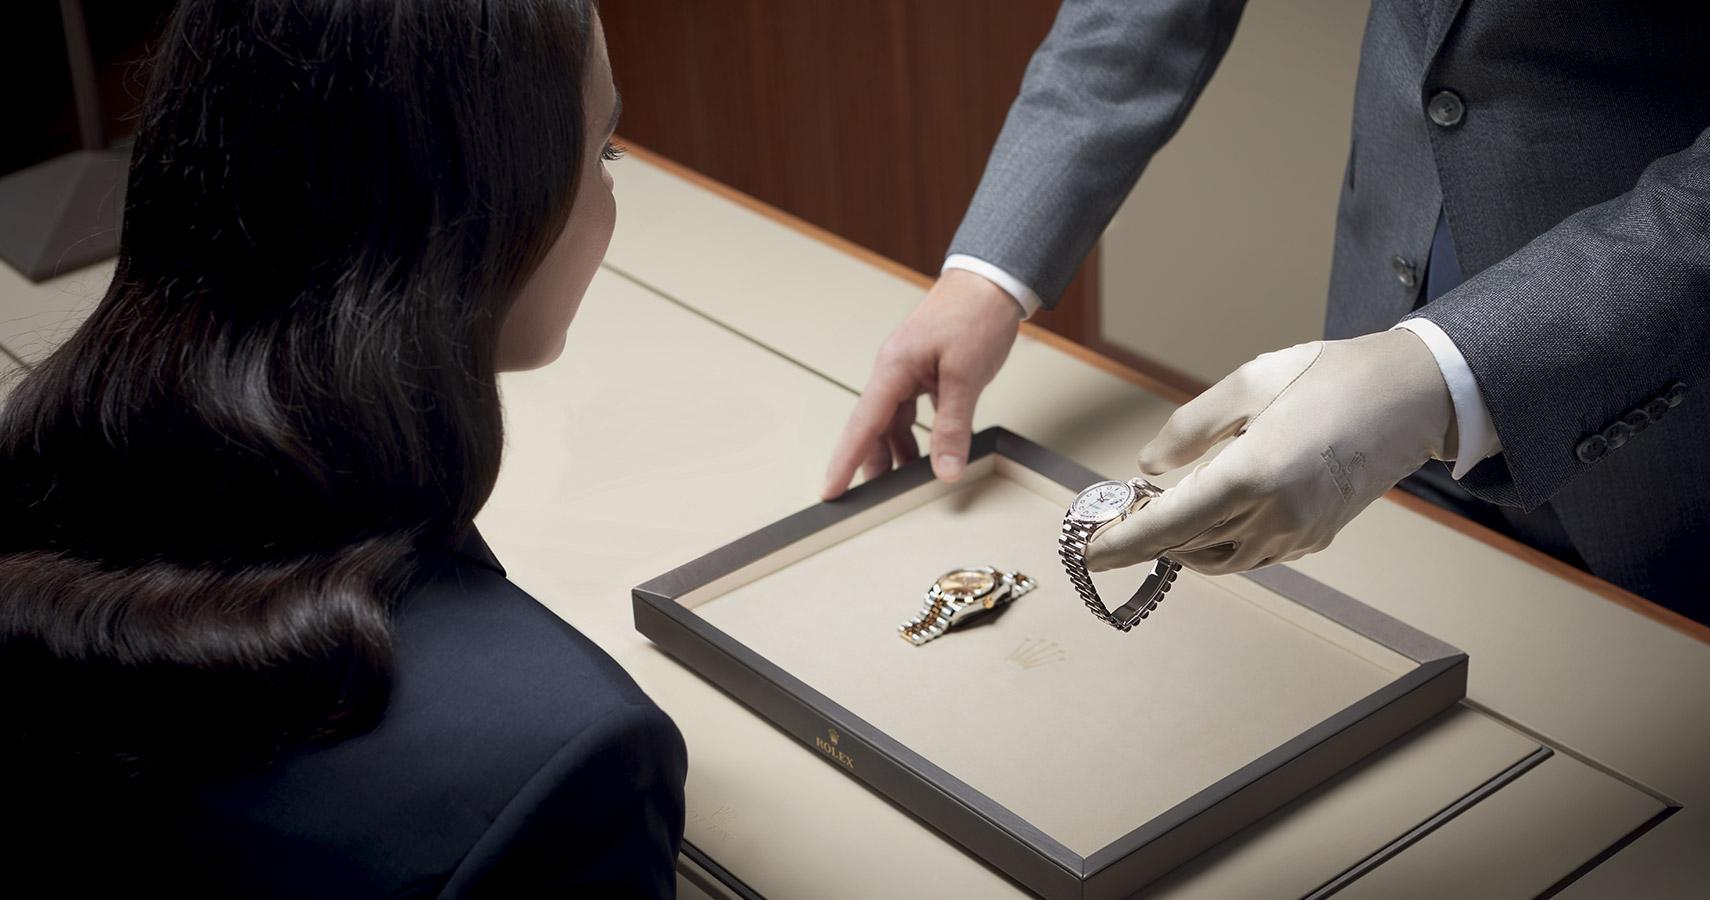 Rabino 1985 manutenzione Rolex